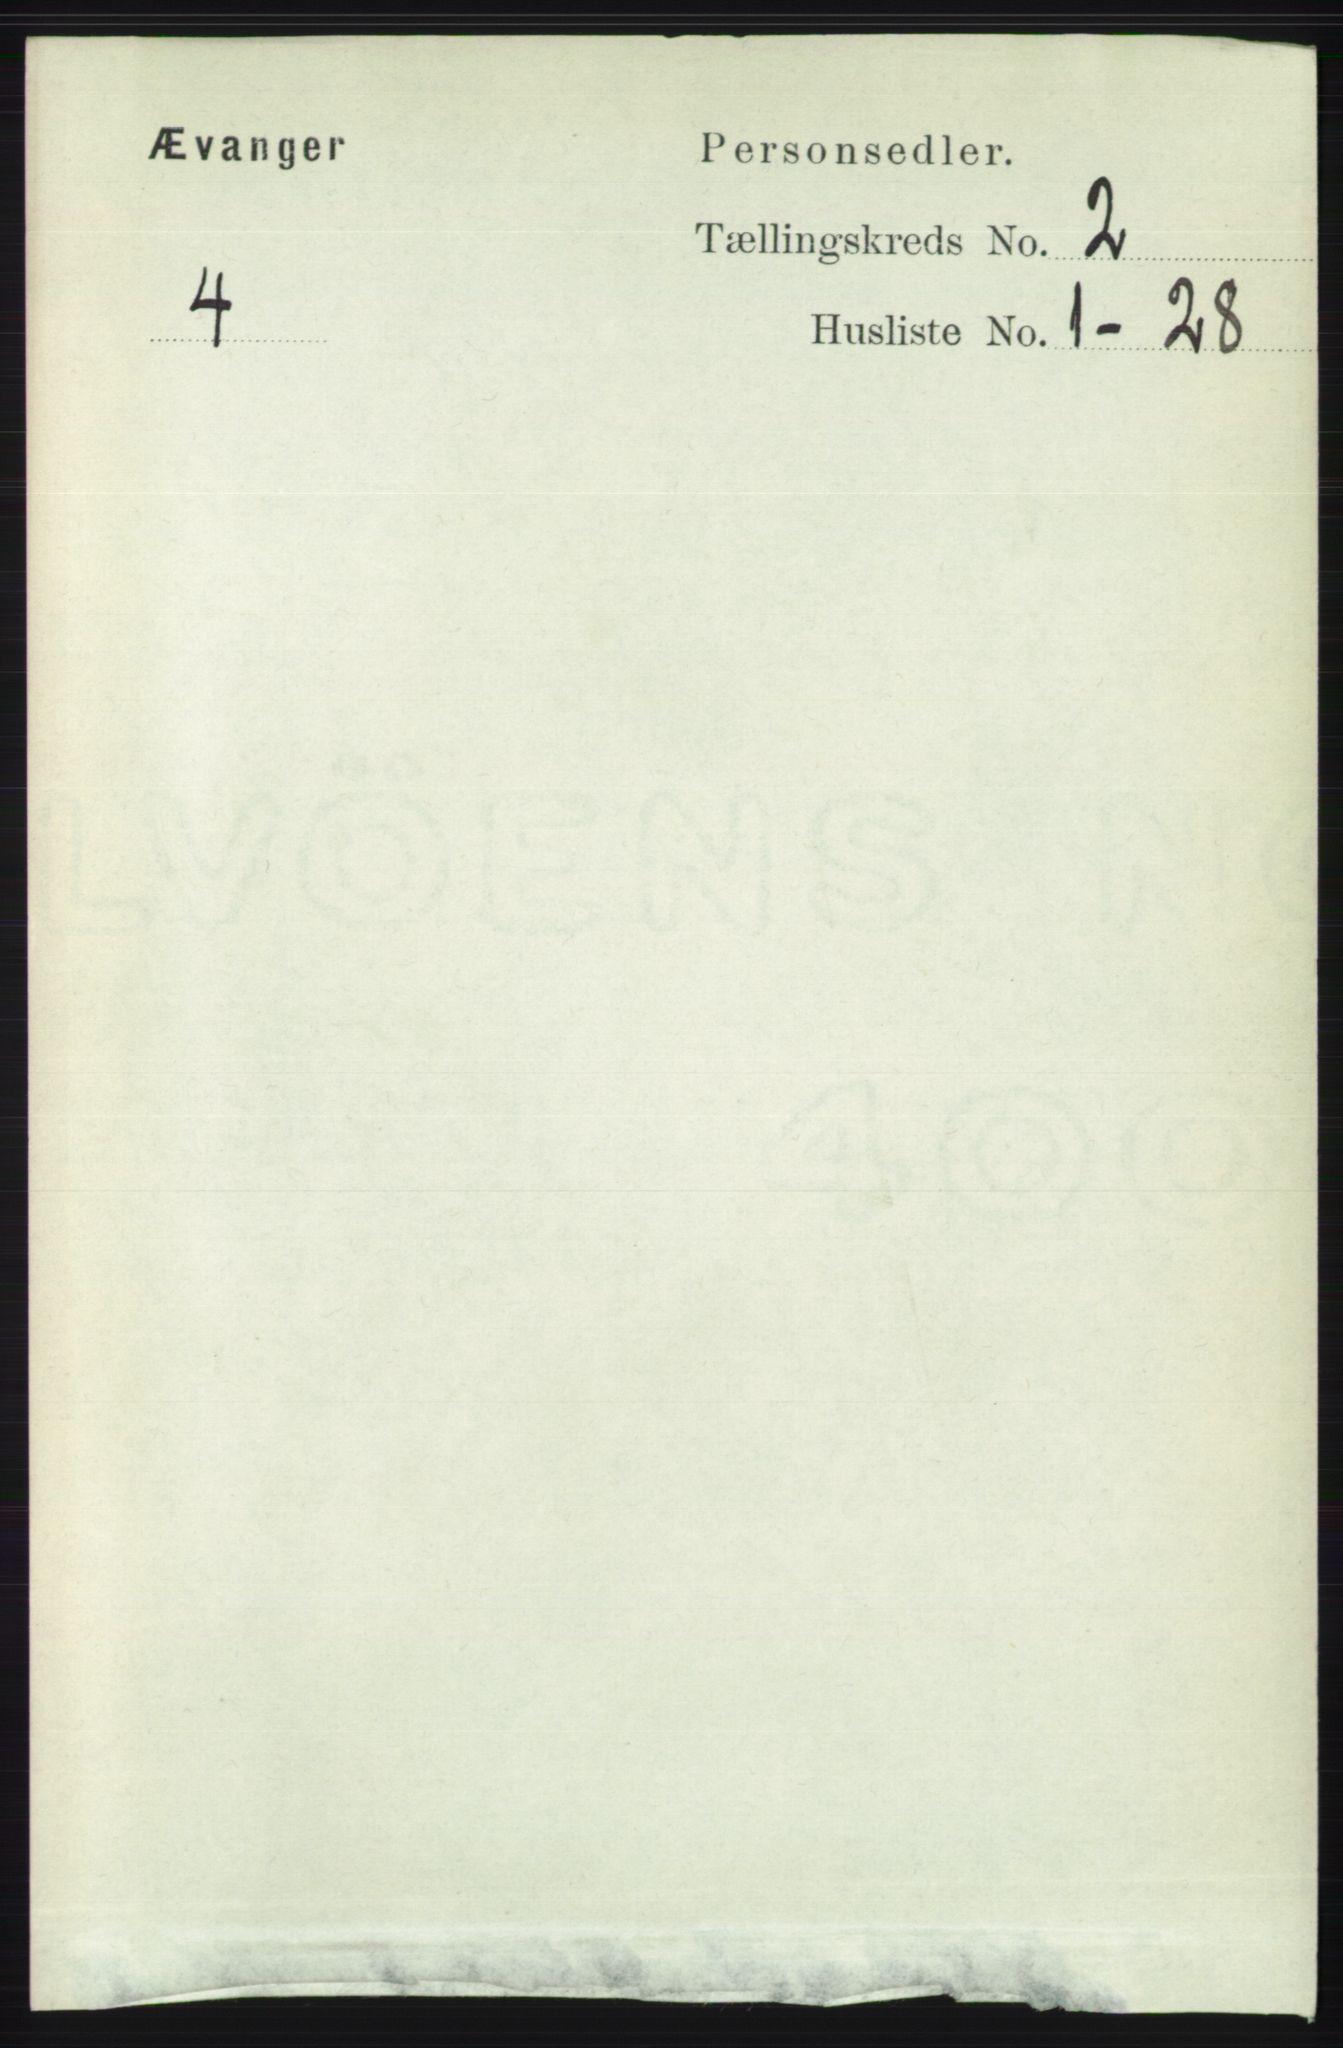 RA, Folketelling 1891 for 1237 Evanger herred, 1891, s. 330